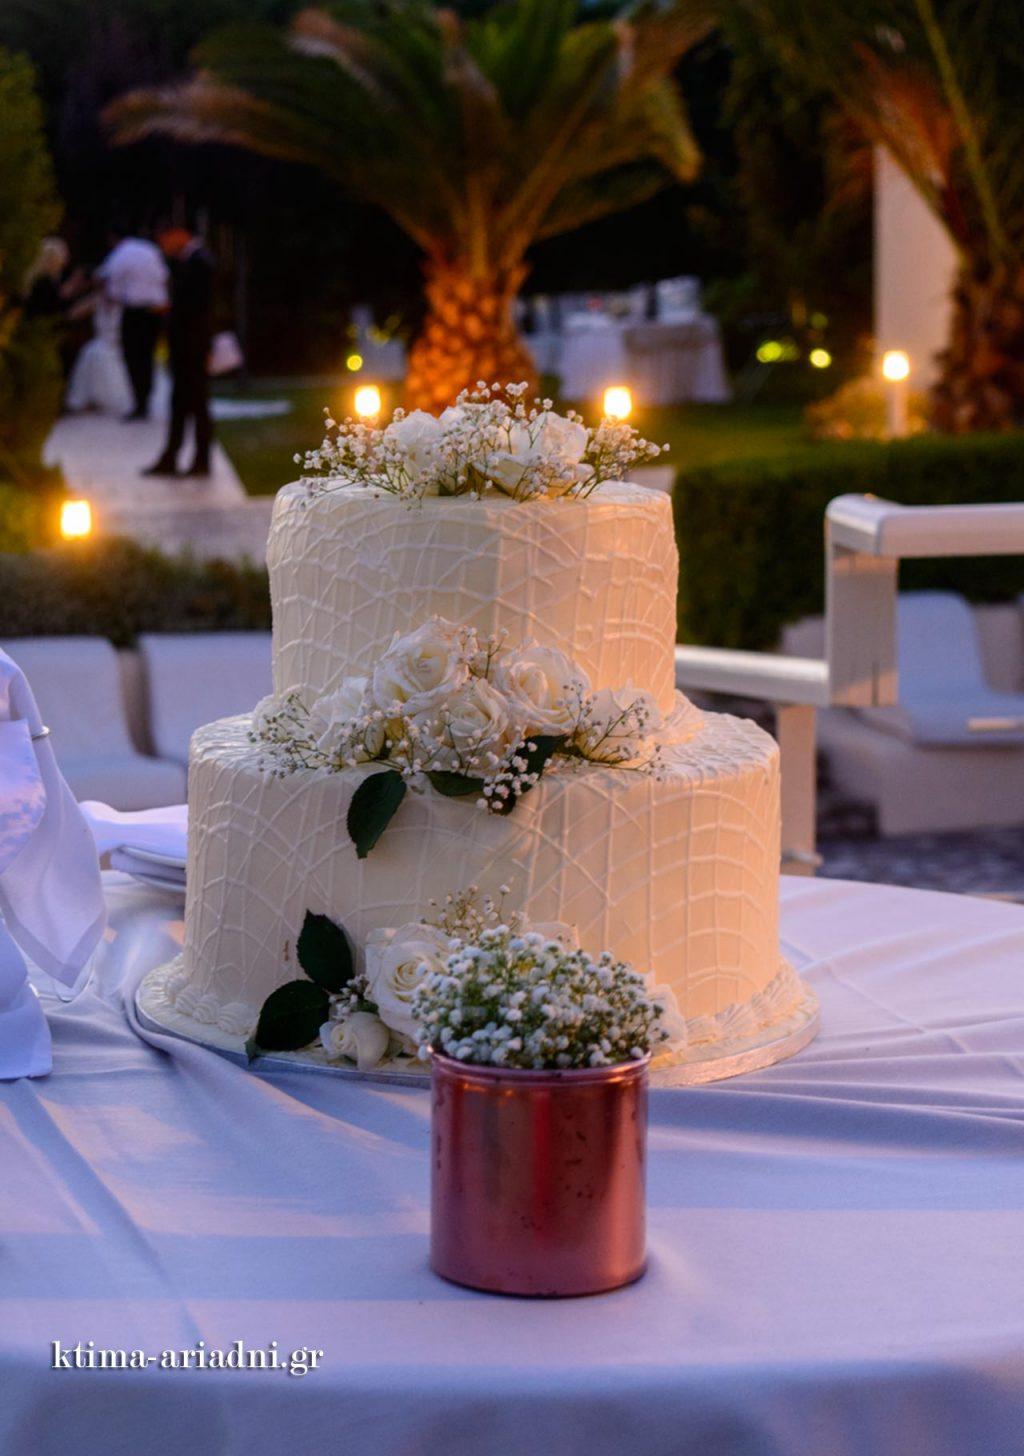 Η γαμήλια τούρτα, κομψή και λαχταριστή